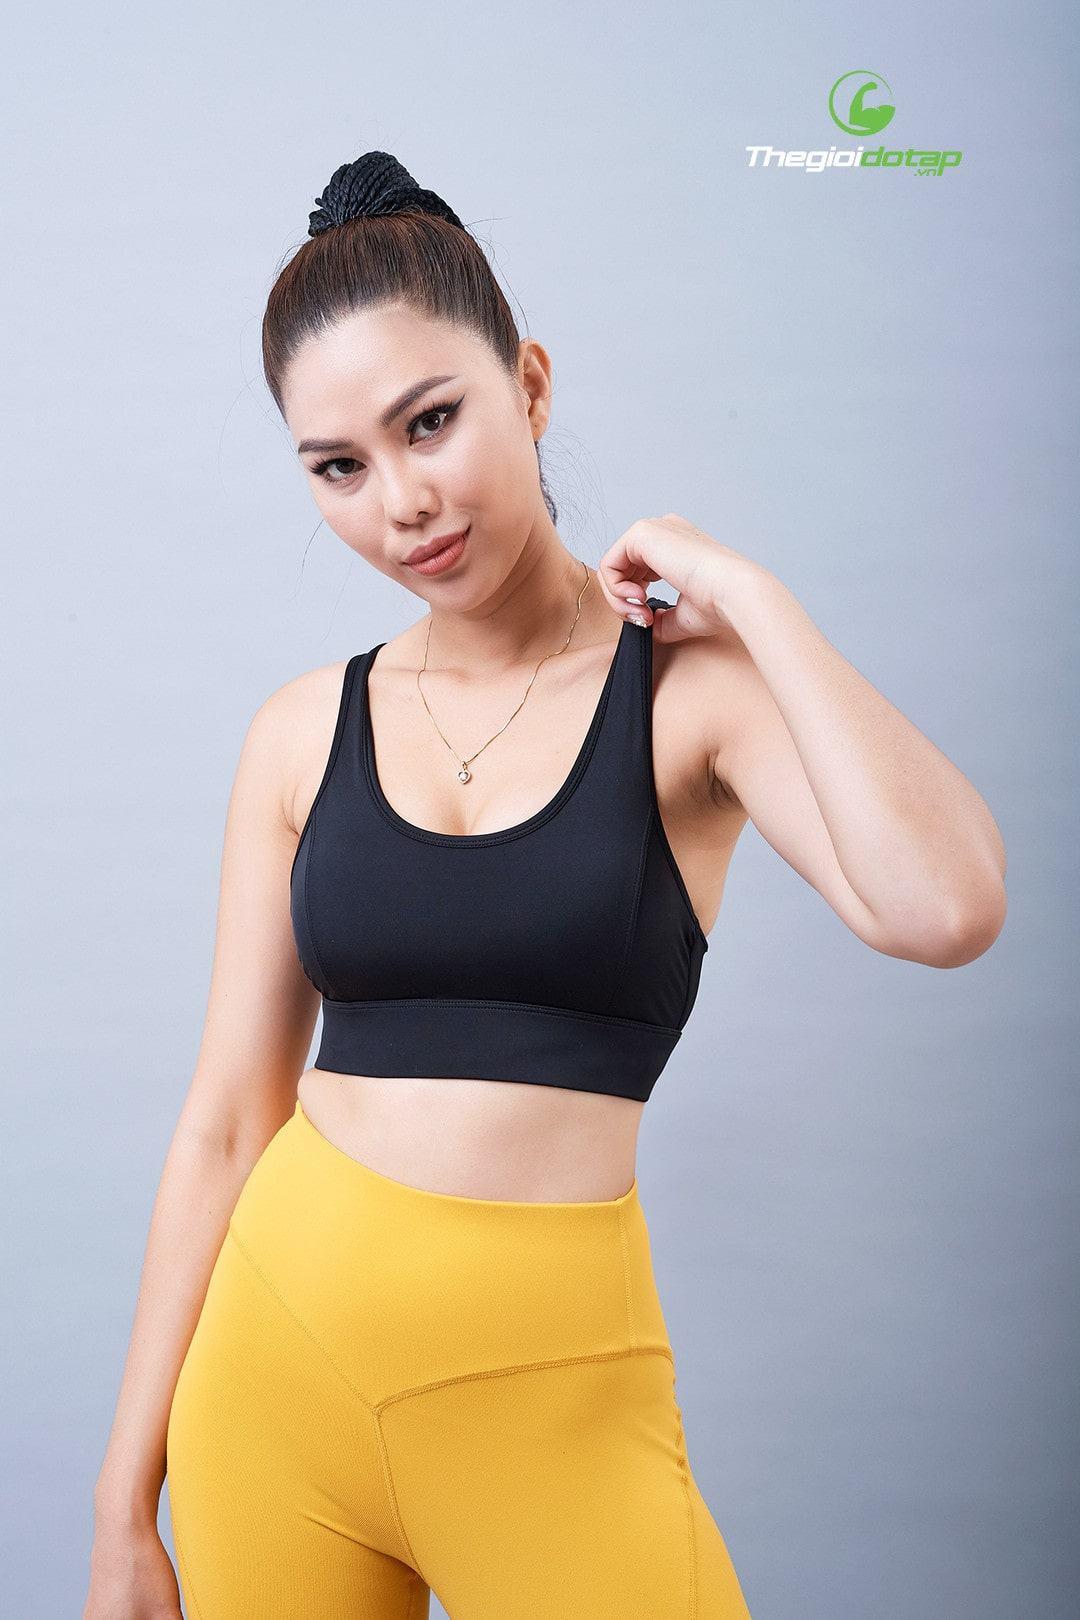 Áo bra tập gym nữ được yêu thích nhất